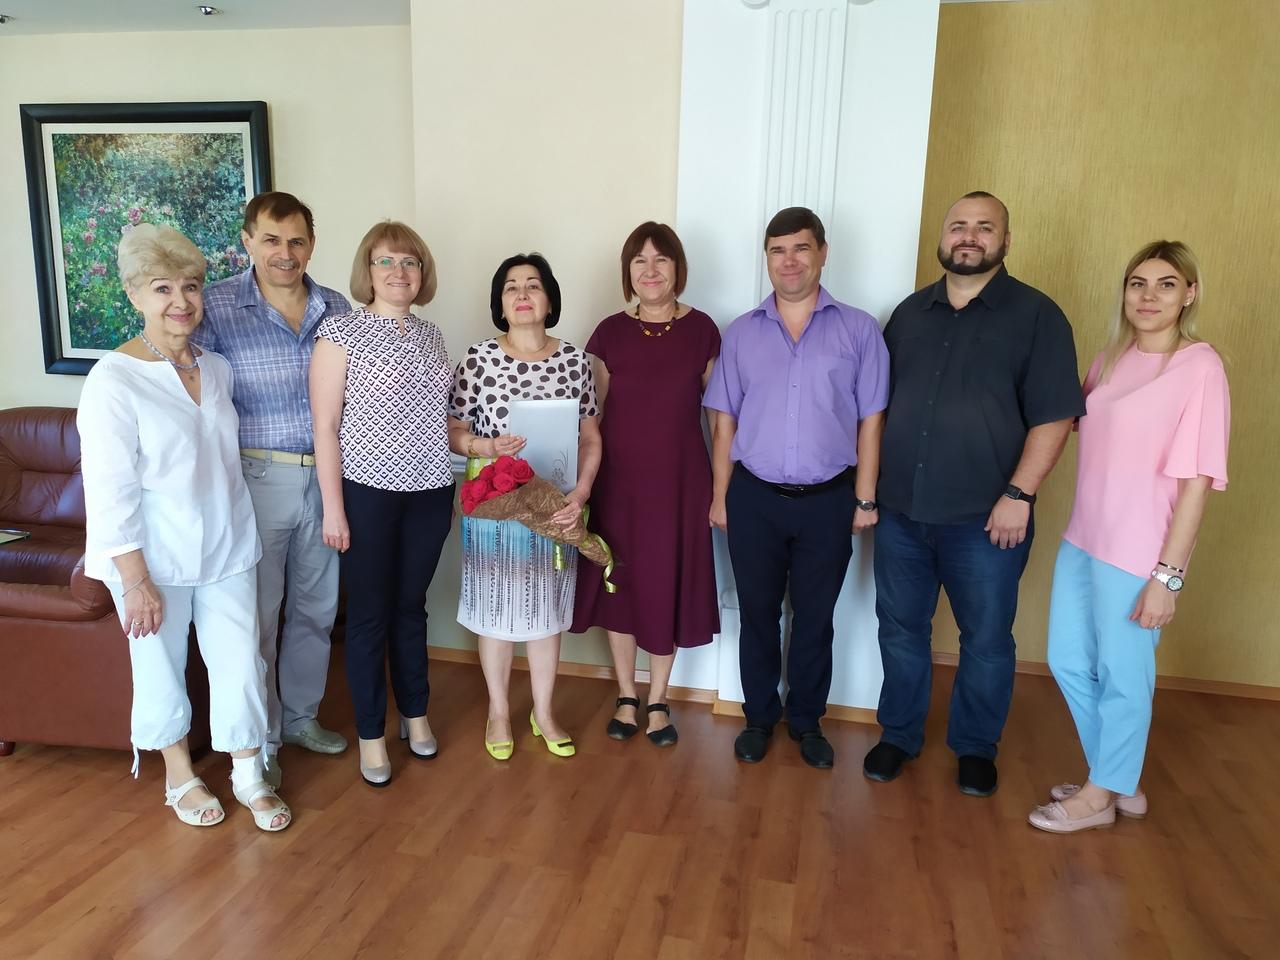 Сегодня, 28 августа 2019 года, День рождения отмечает Ирина Павловна Энглези